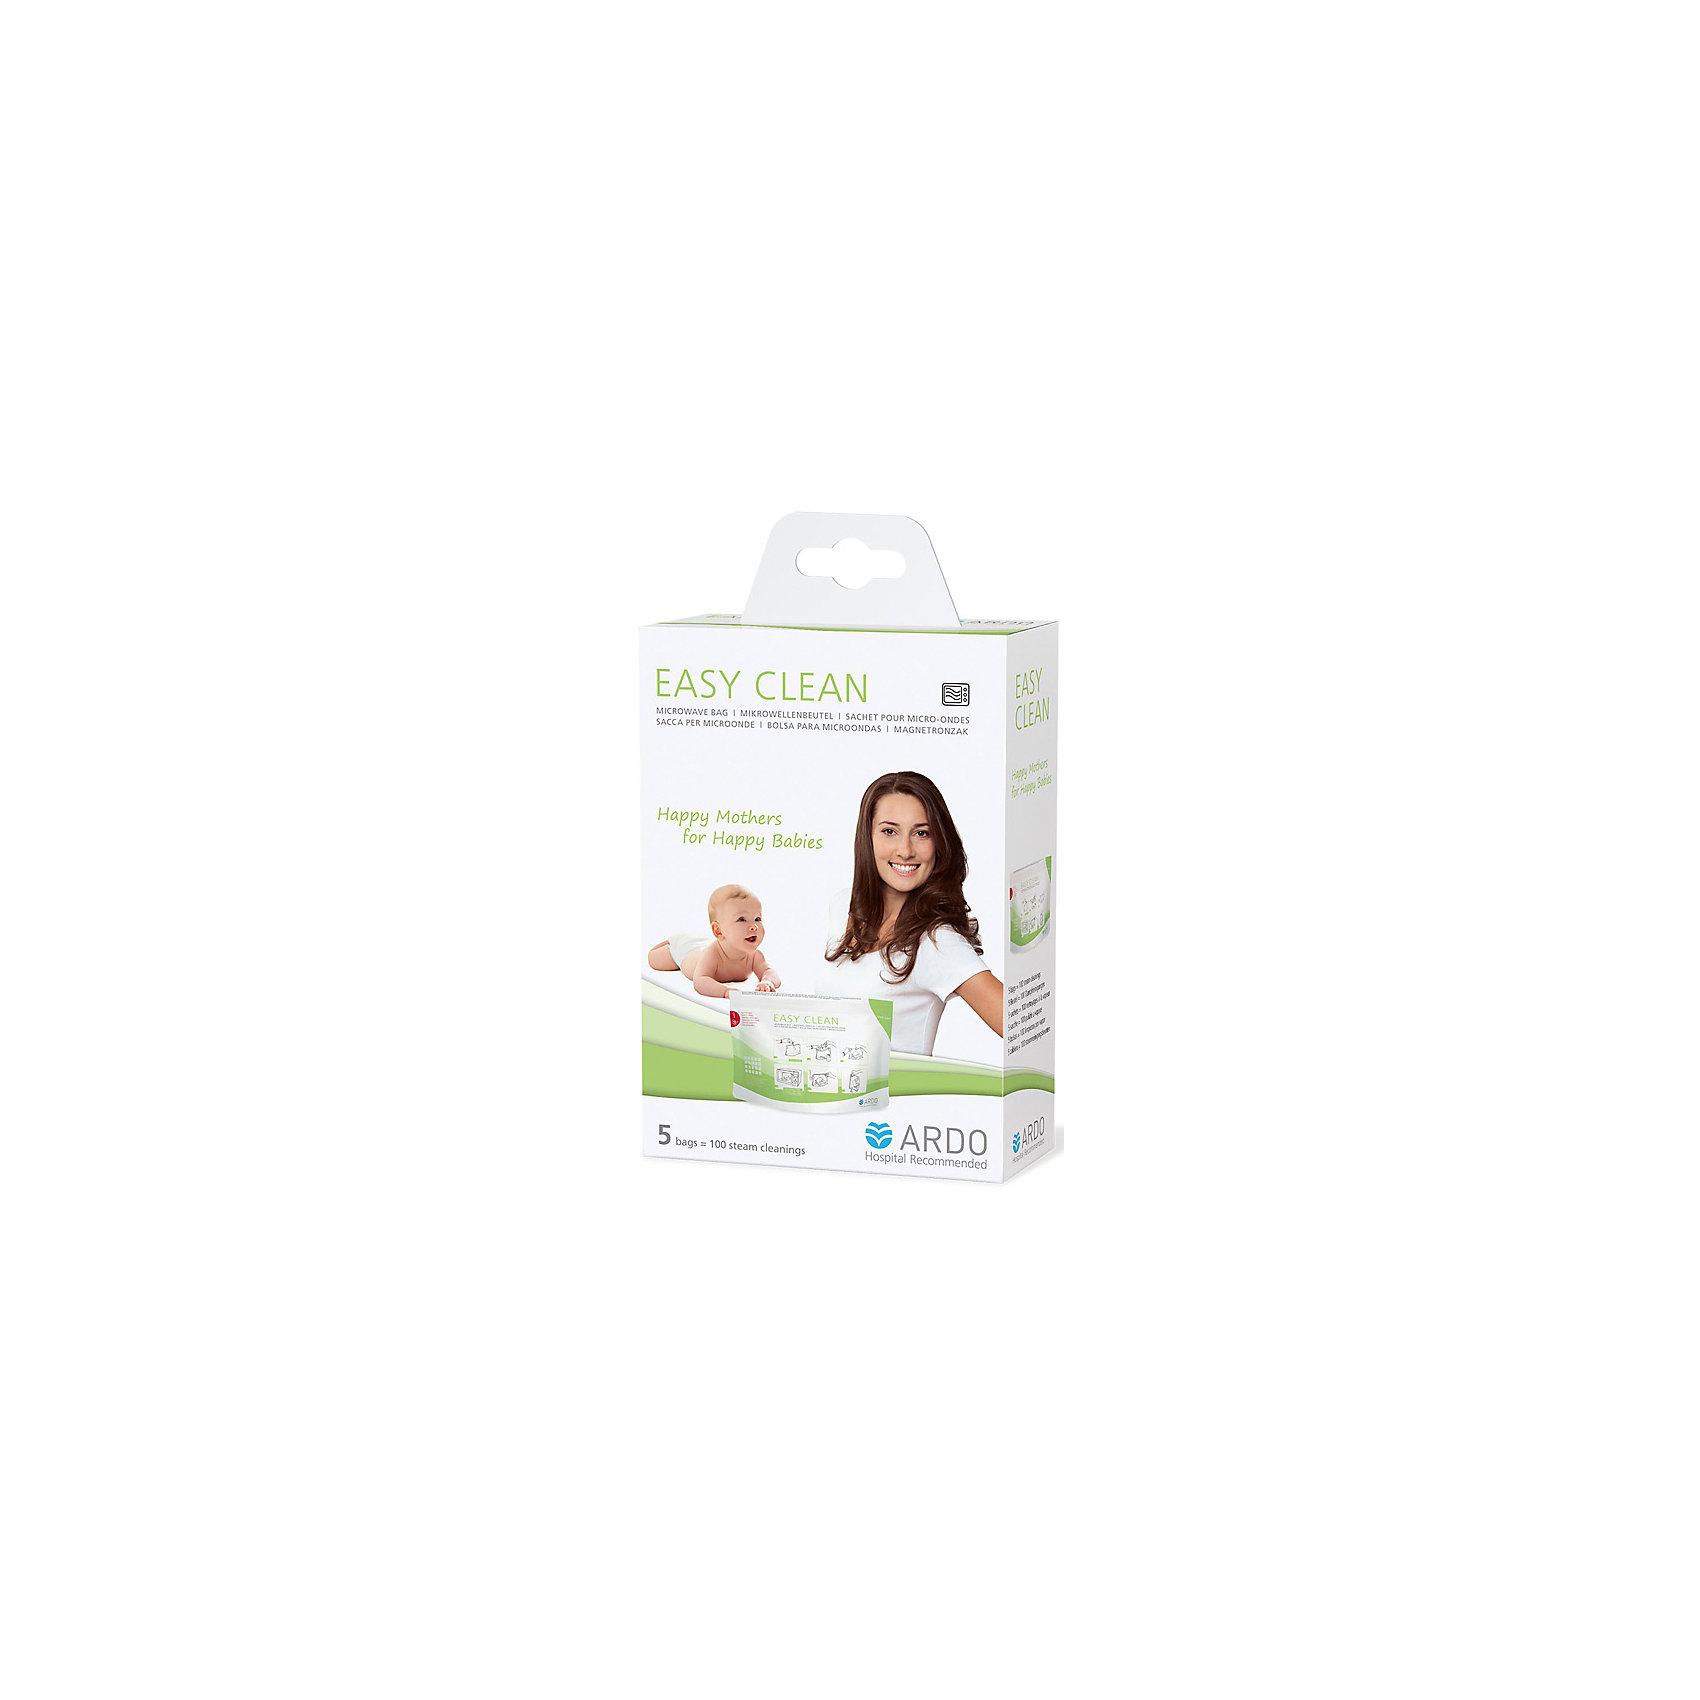 Пакеты для стерилизации и хранения EASY CLEAN, ARDO